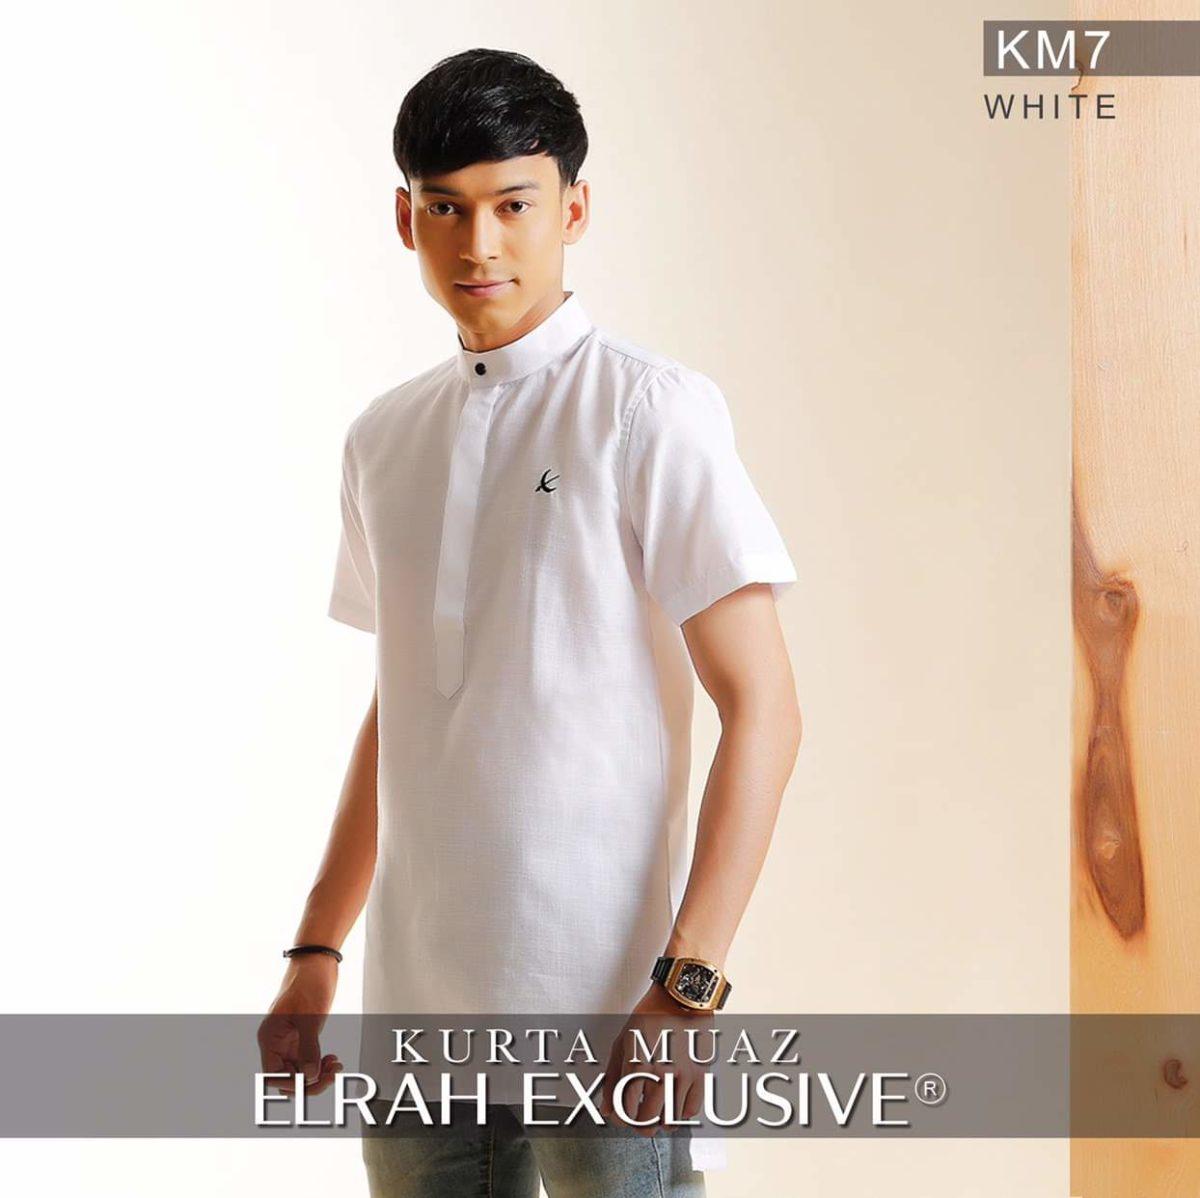 Kurta Muaz White